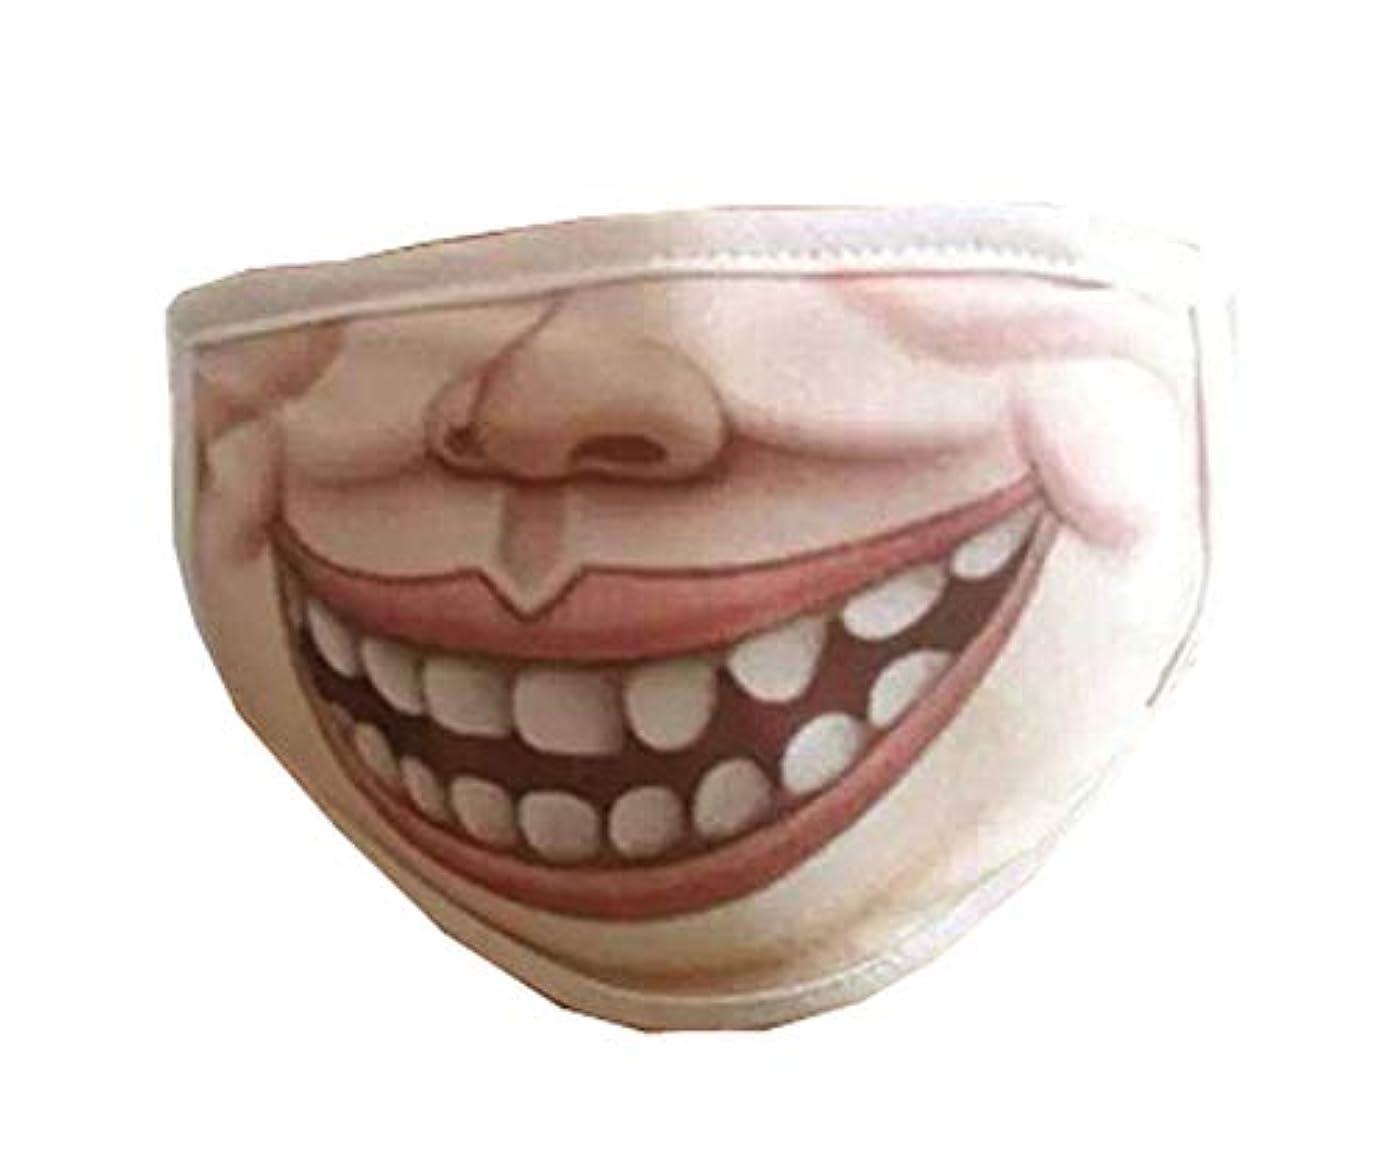 イルハンマー余剰面白い口のマスク、かわいいユニセックス顔の十代のマスク(G2)